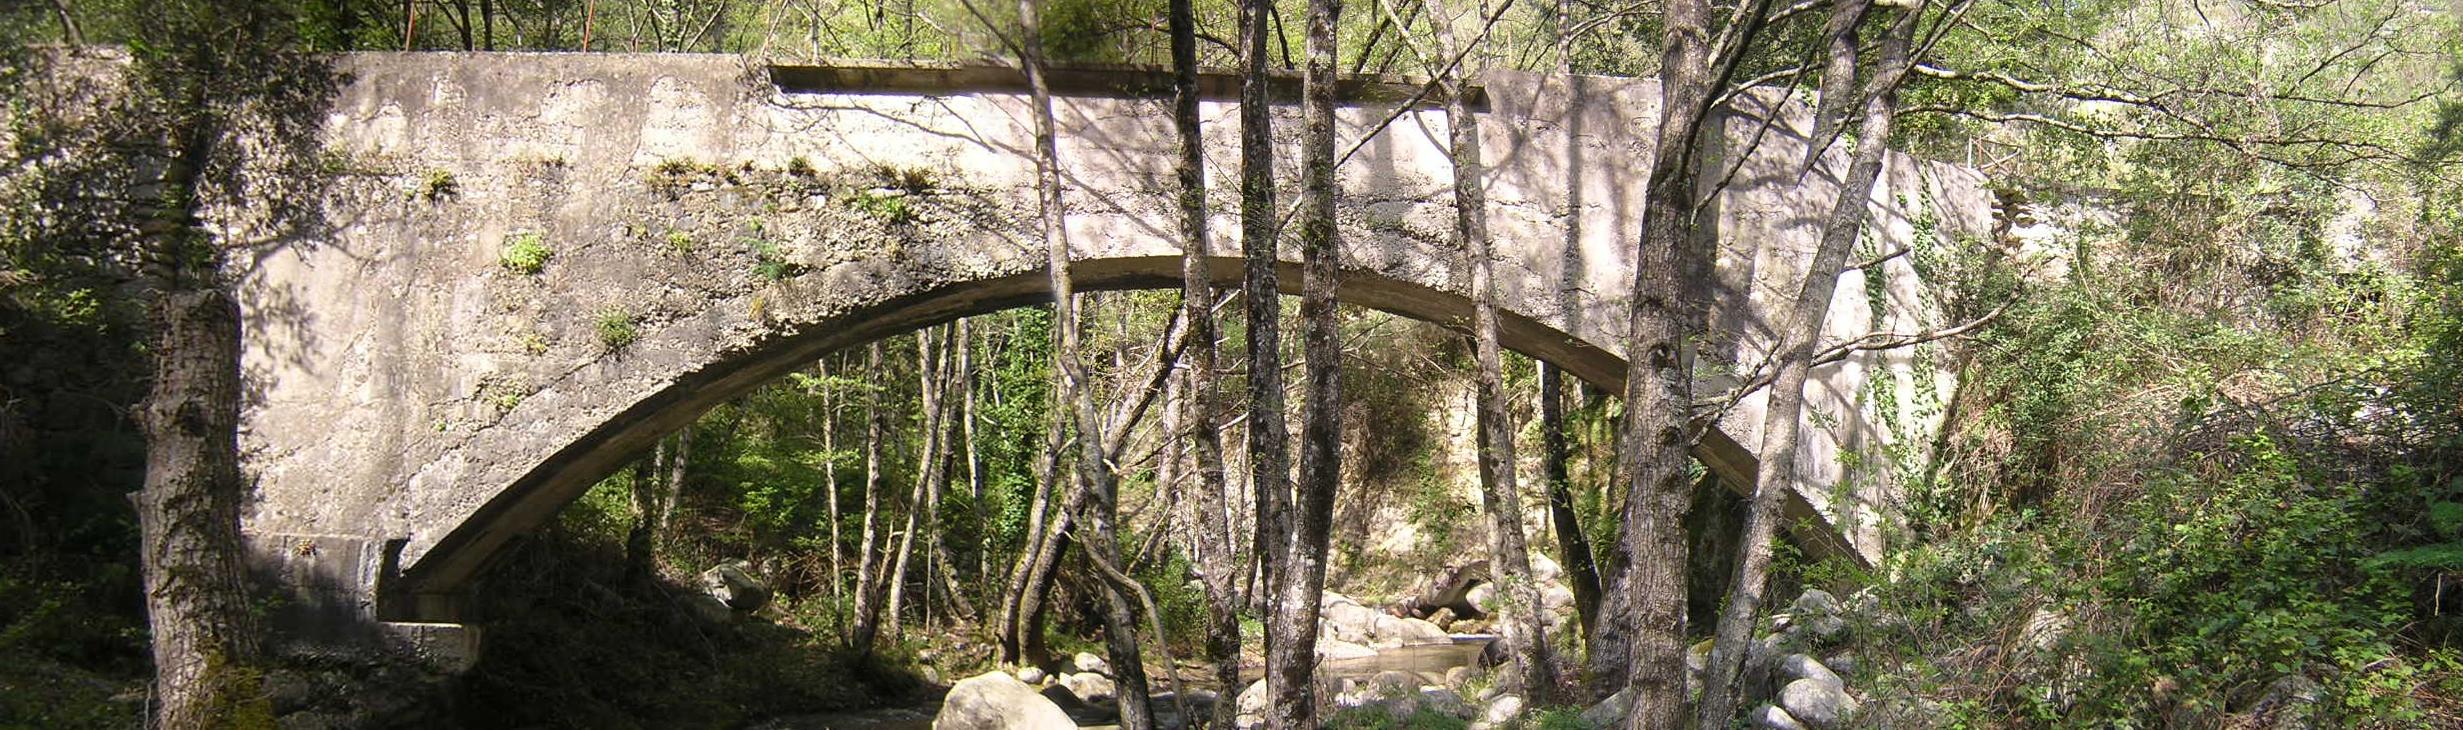 Bagni di Guida (Bivongi); Ponte canale della centrale idroelettrica L'avvenire